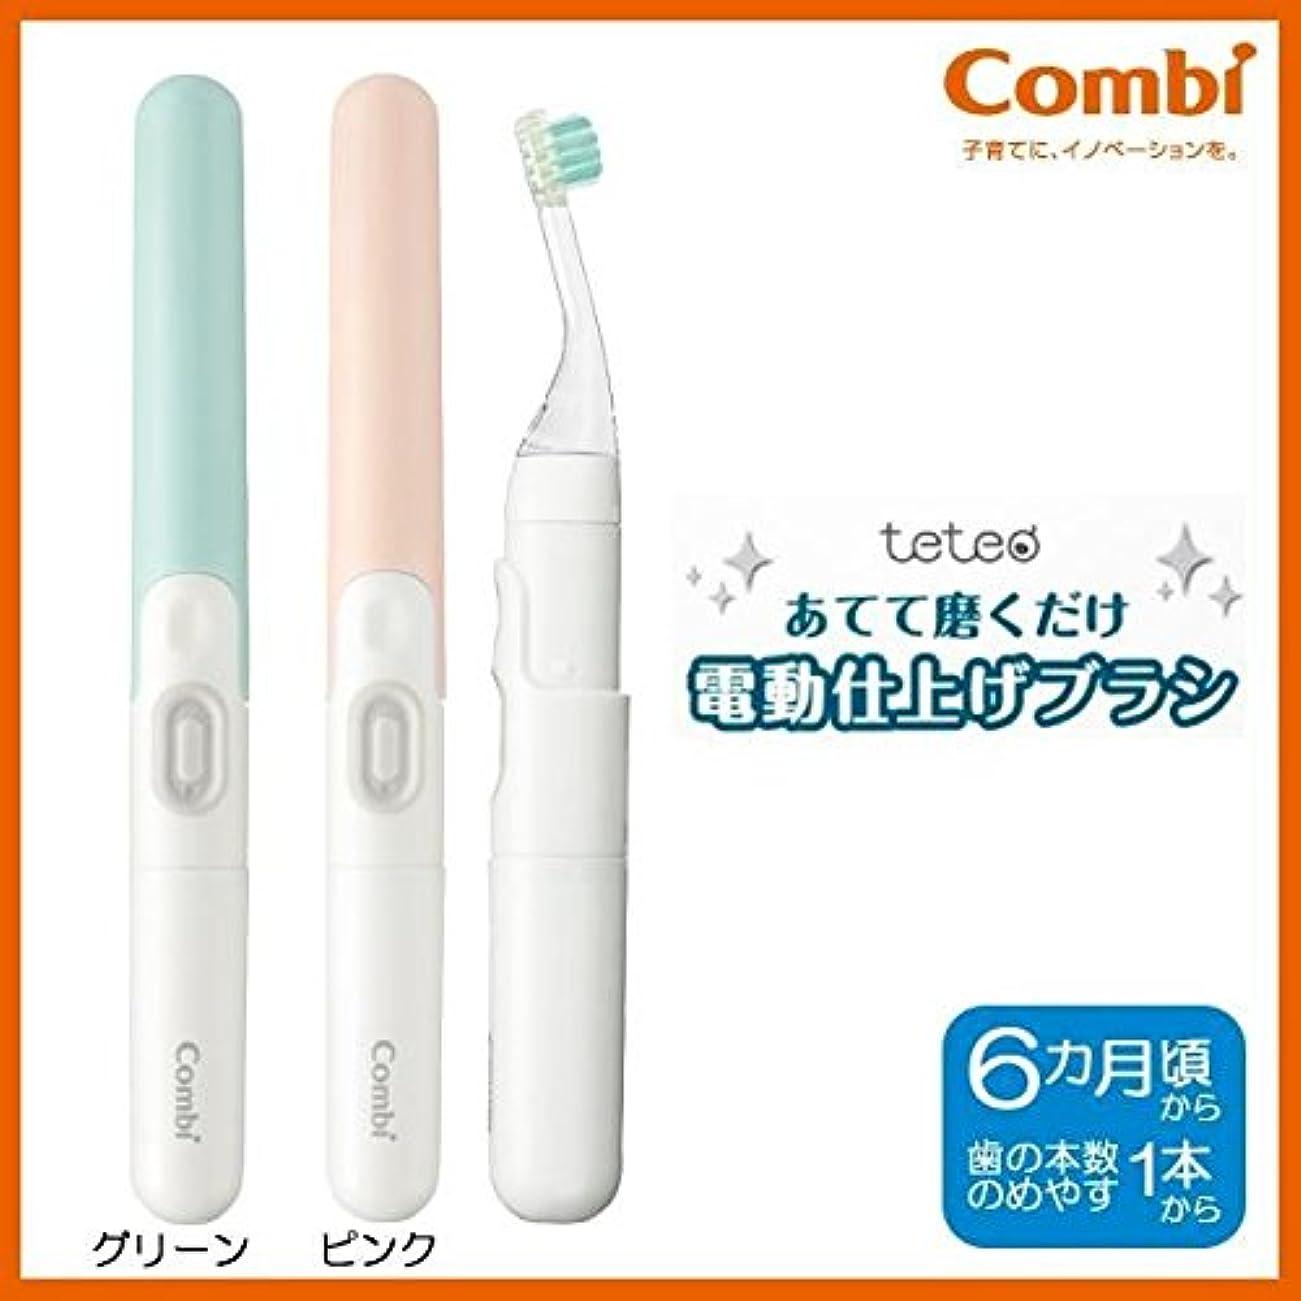 わずかに拮抗する障害者Combi(コンビ) テテオ あてて磨くだけ 電動仕上げブラシ ■2種類の内「ピンク」のみです